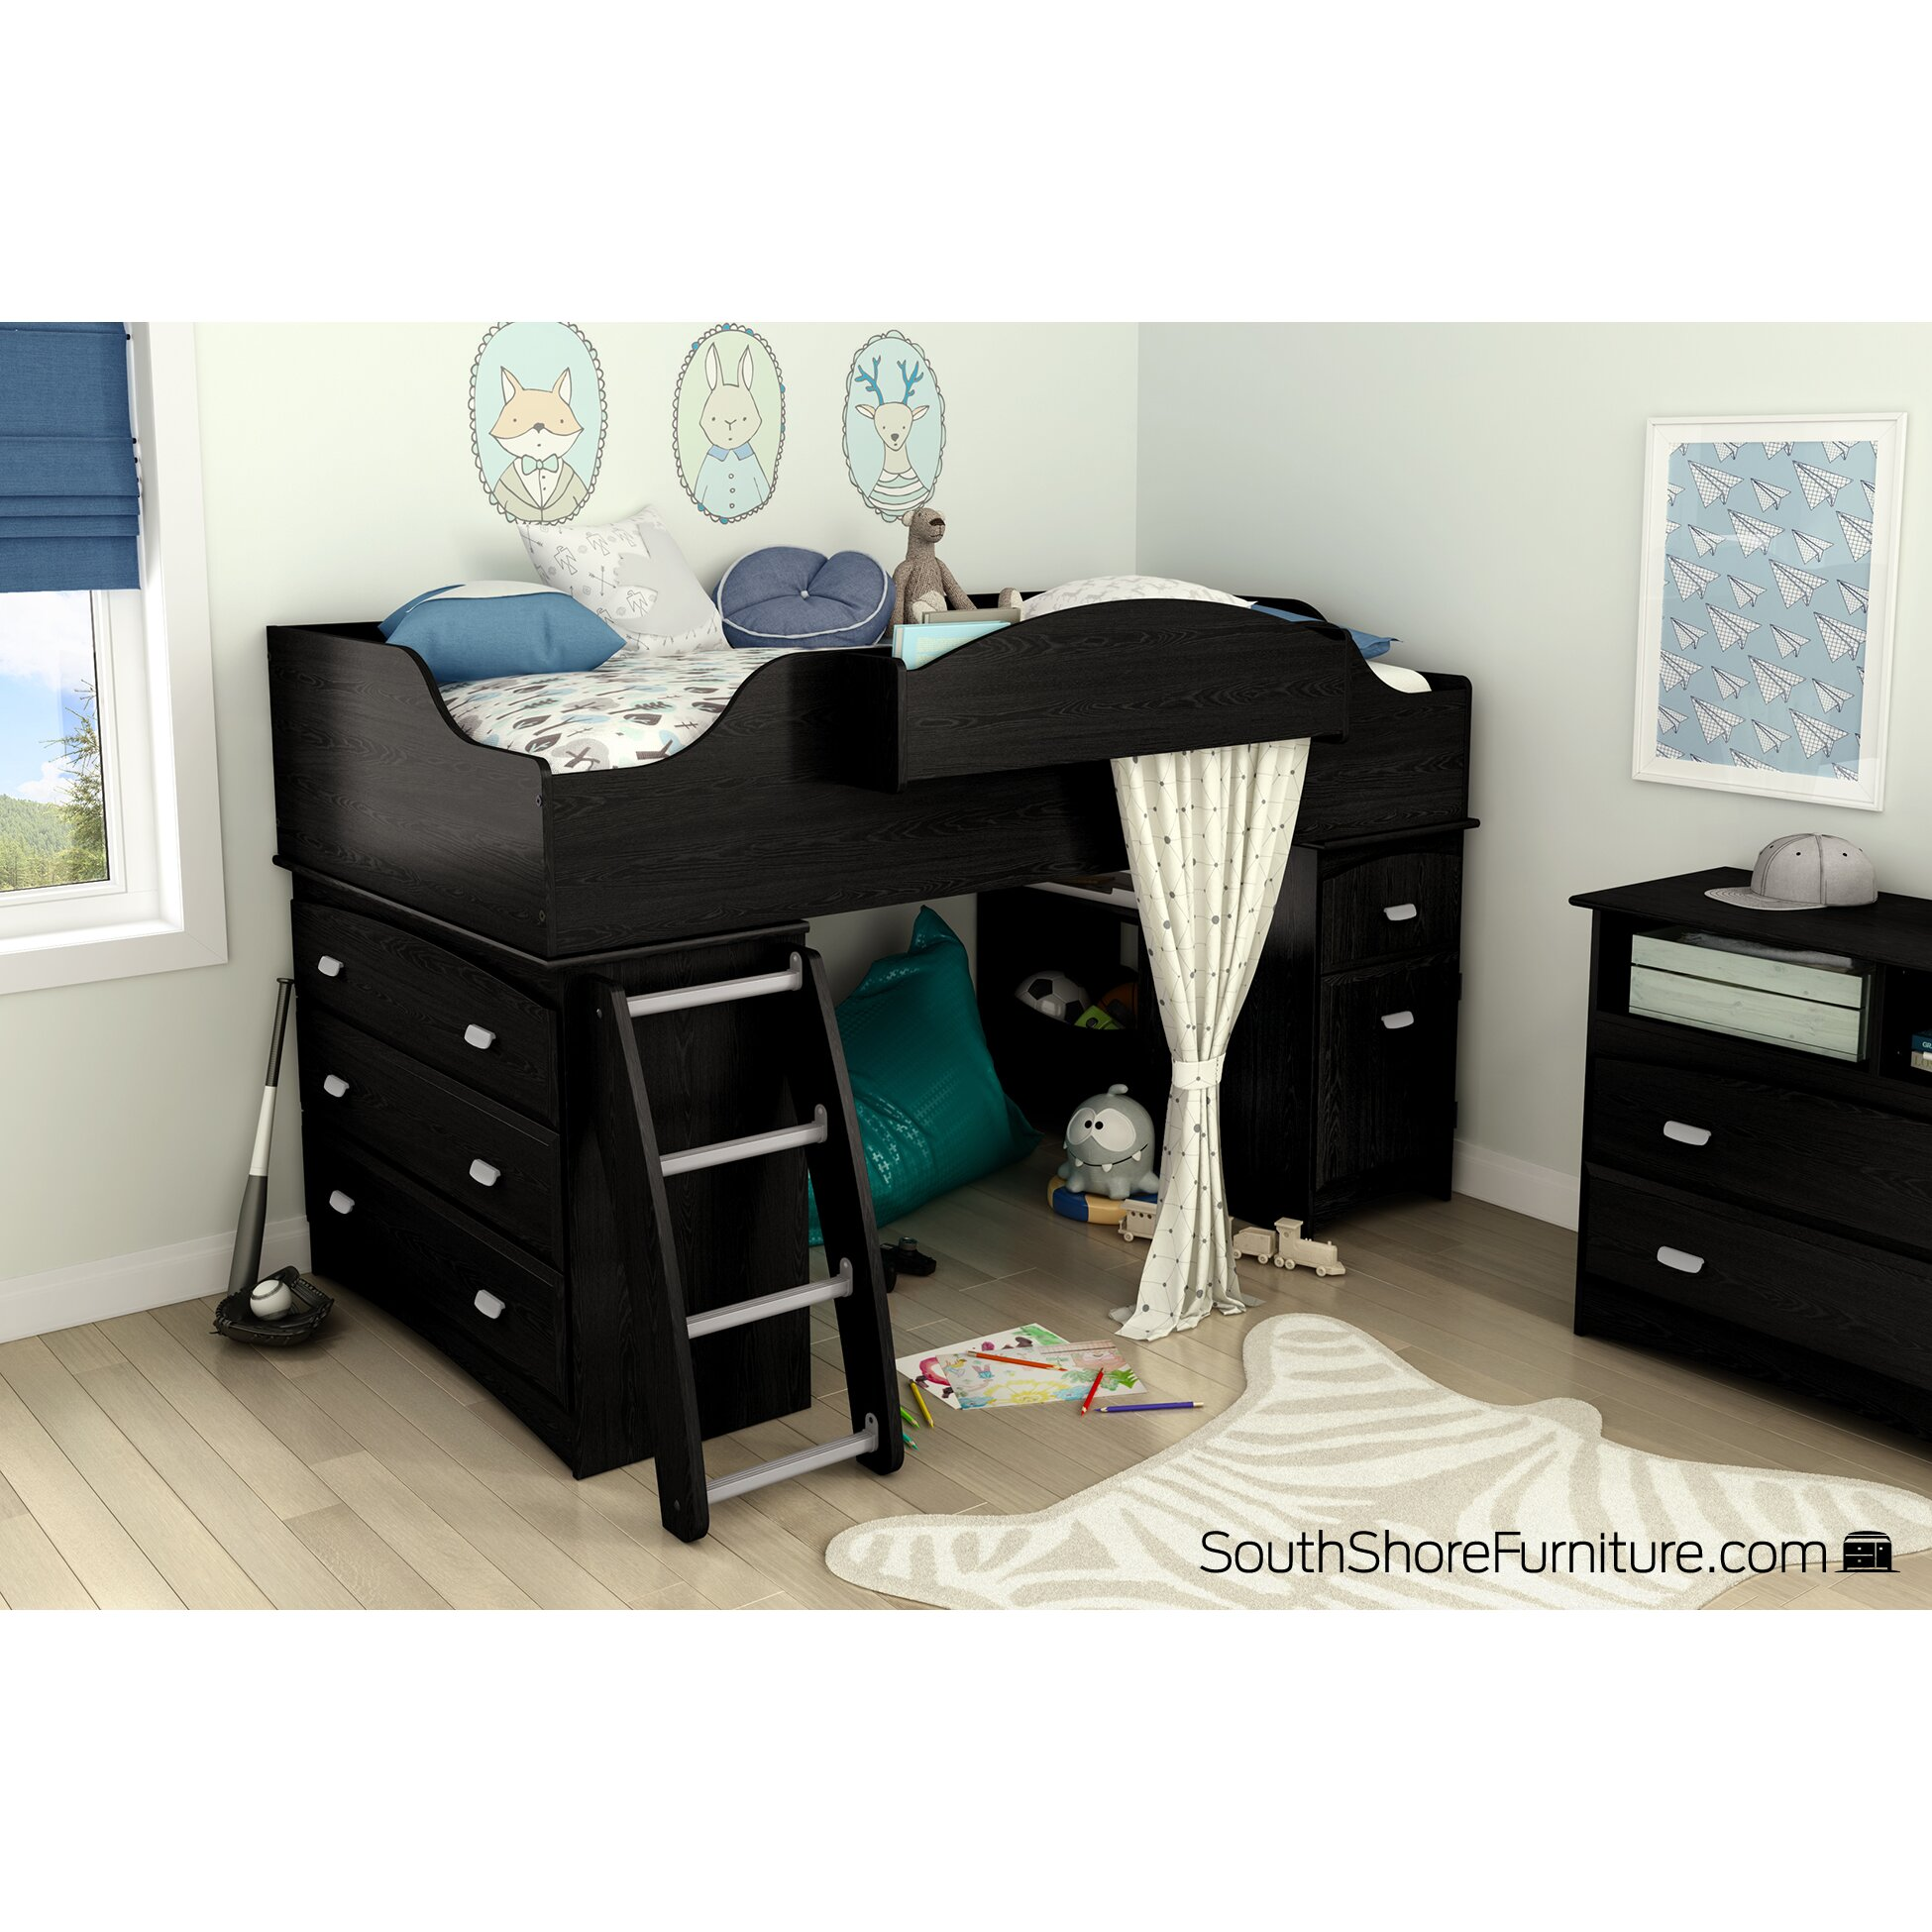 South Shore Low Loft Bed